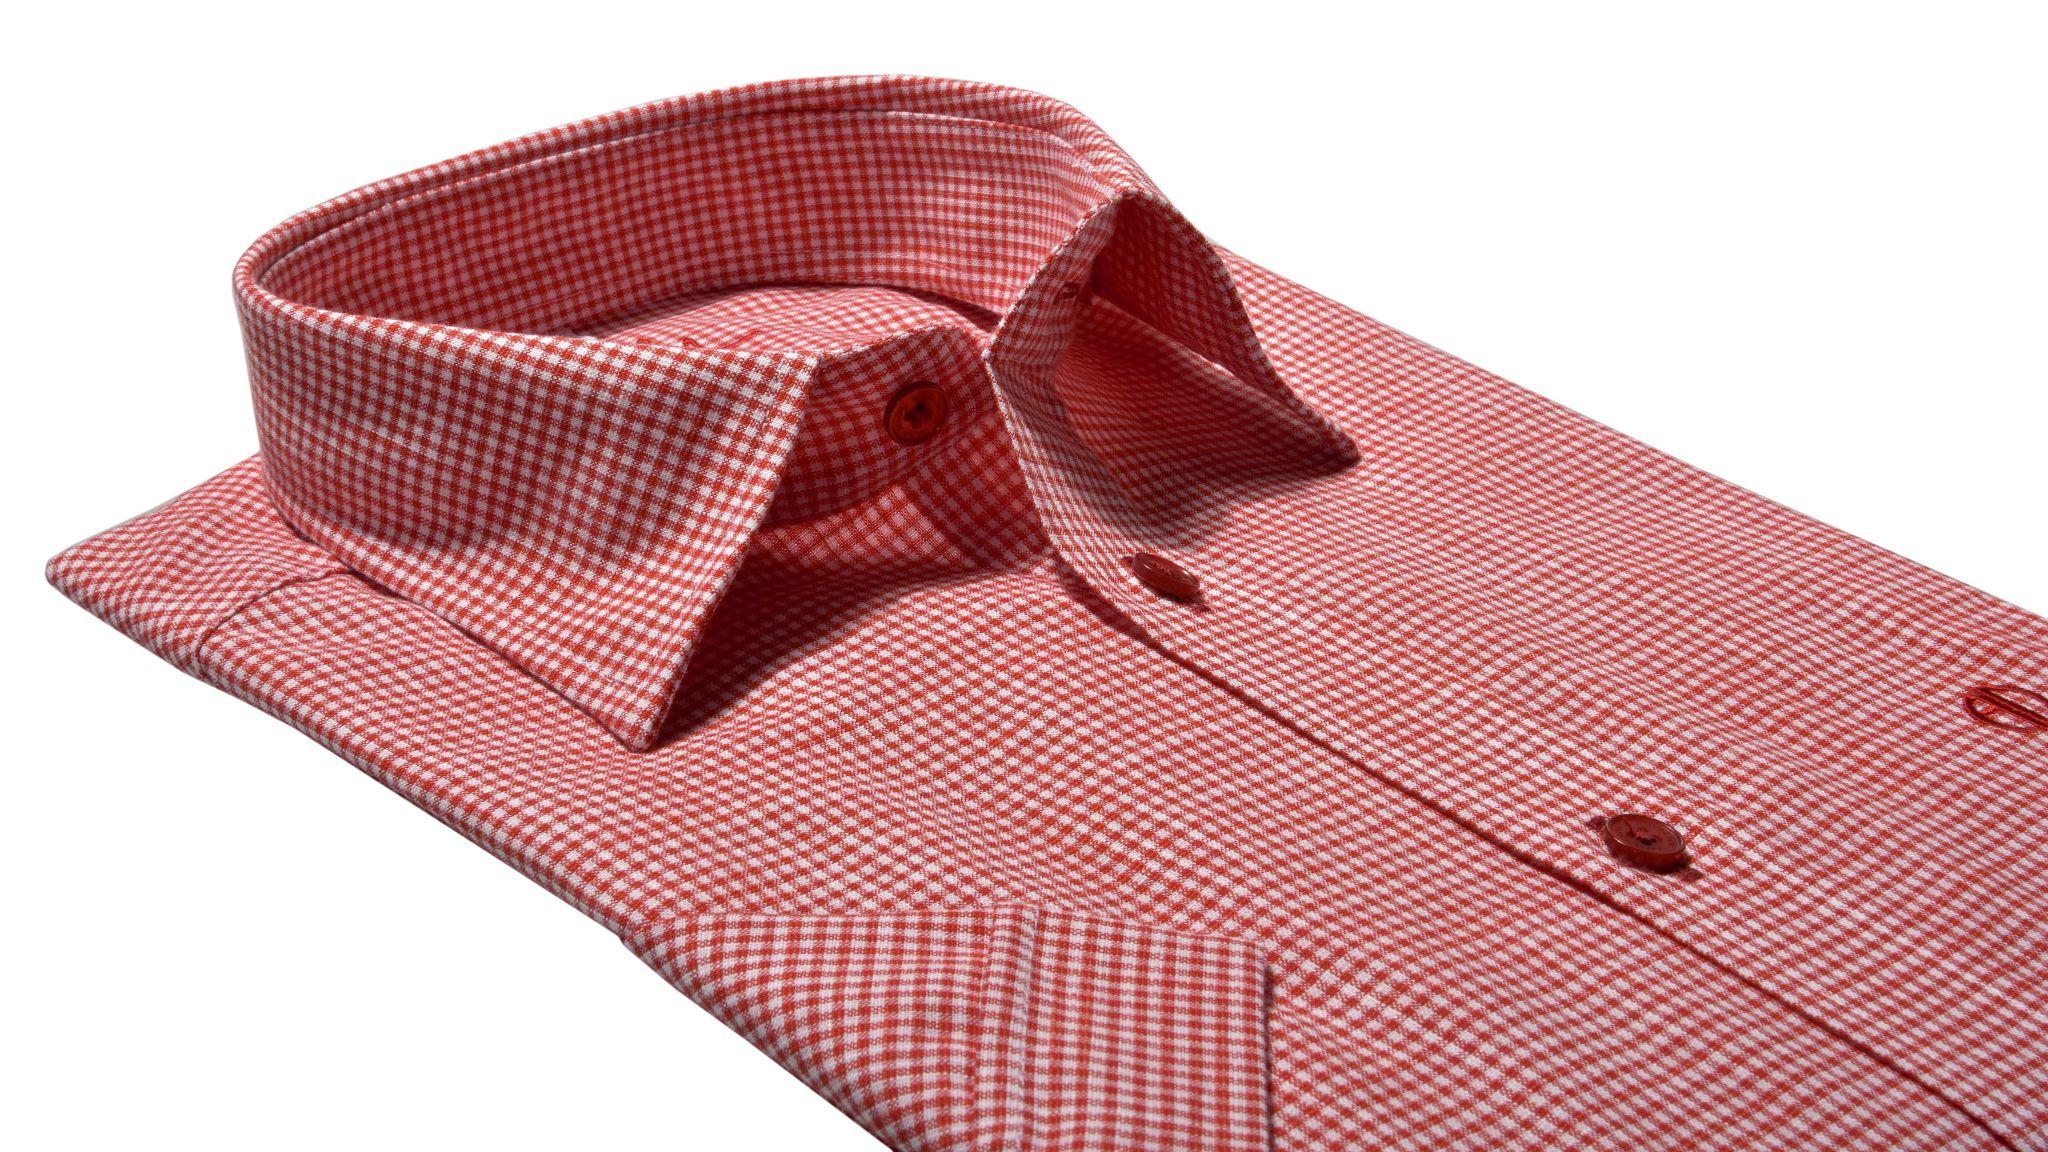 51e7ffdcd802 Károvaná Extra Slim Fit košeľa s krátkym rukávom - Košile krátky ...